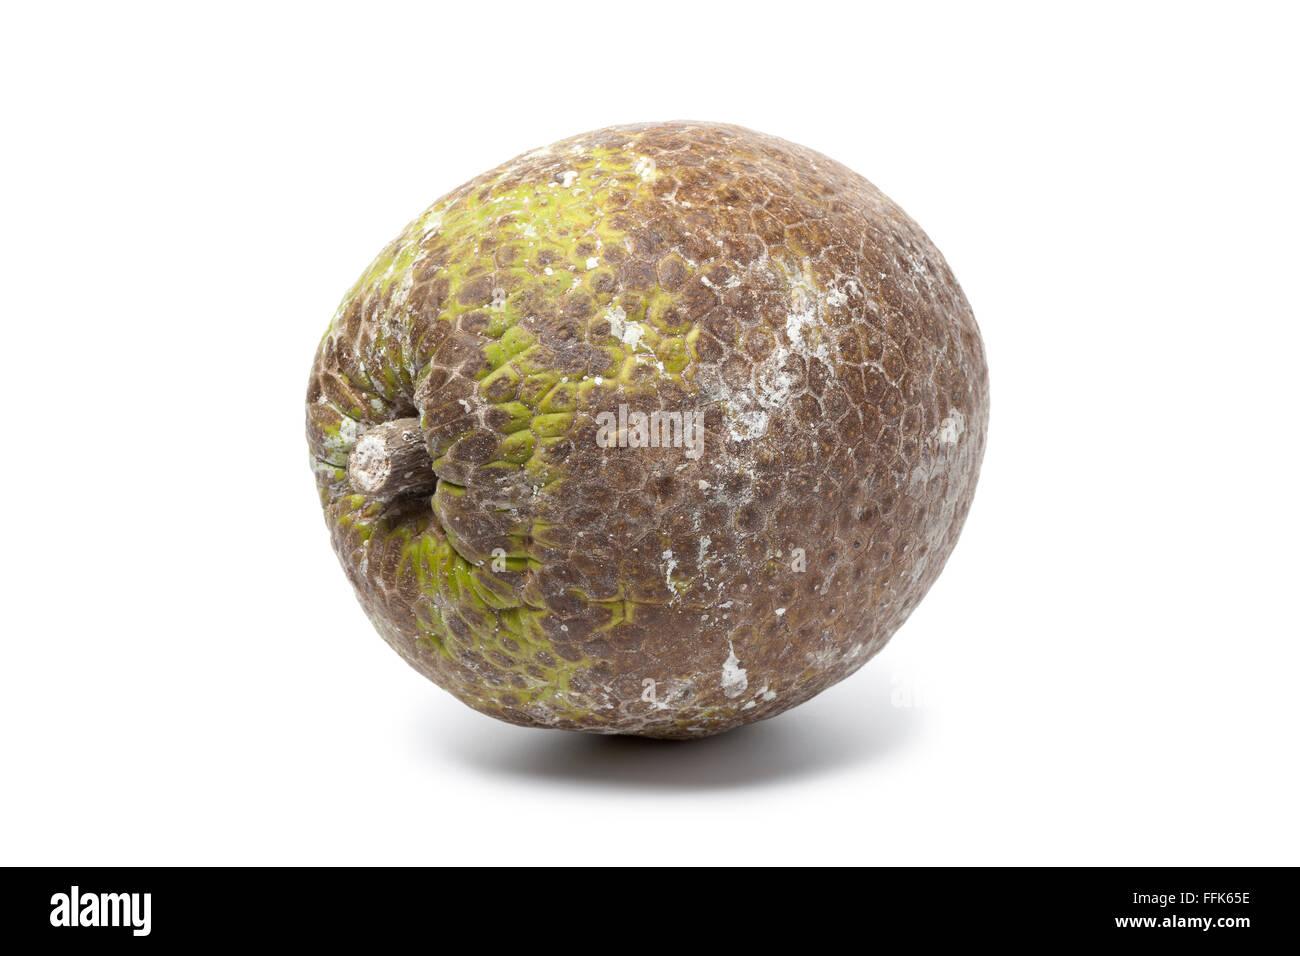 Ganz einzigen Brotfrucht auf weißem Hintergrund Stockbild